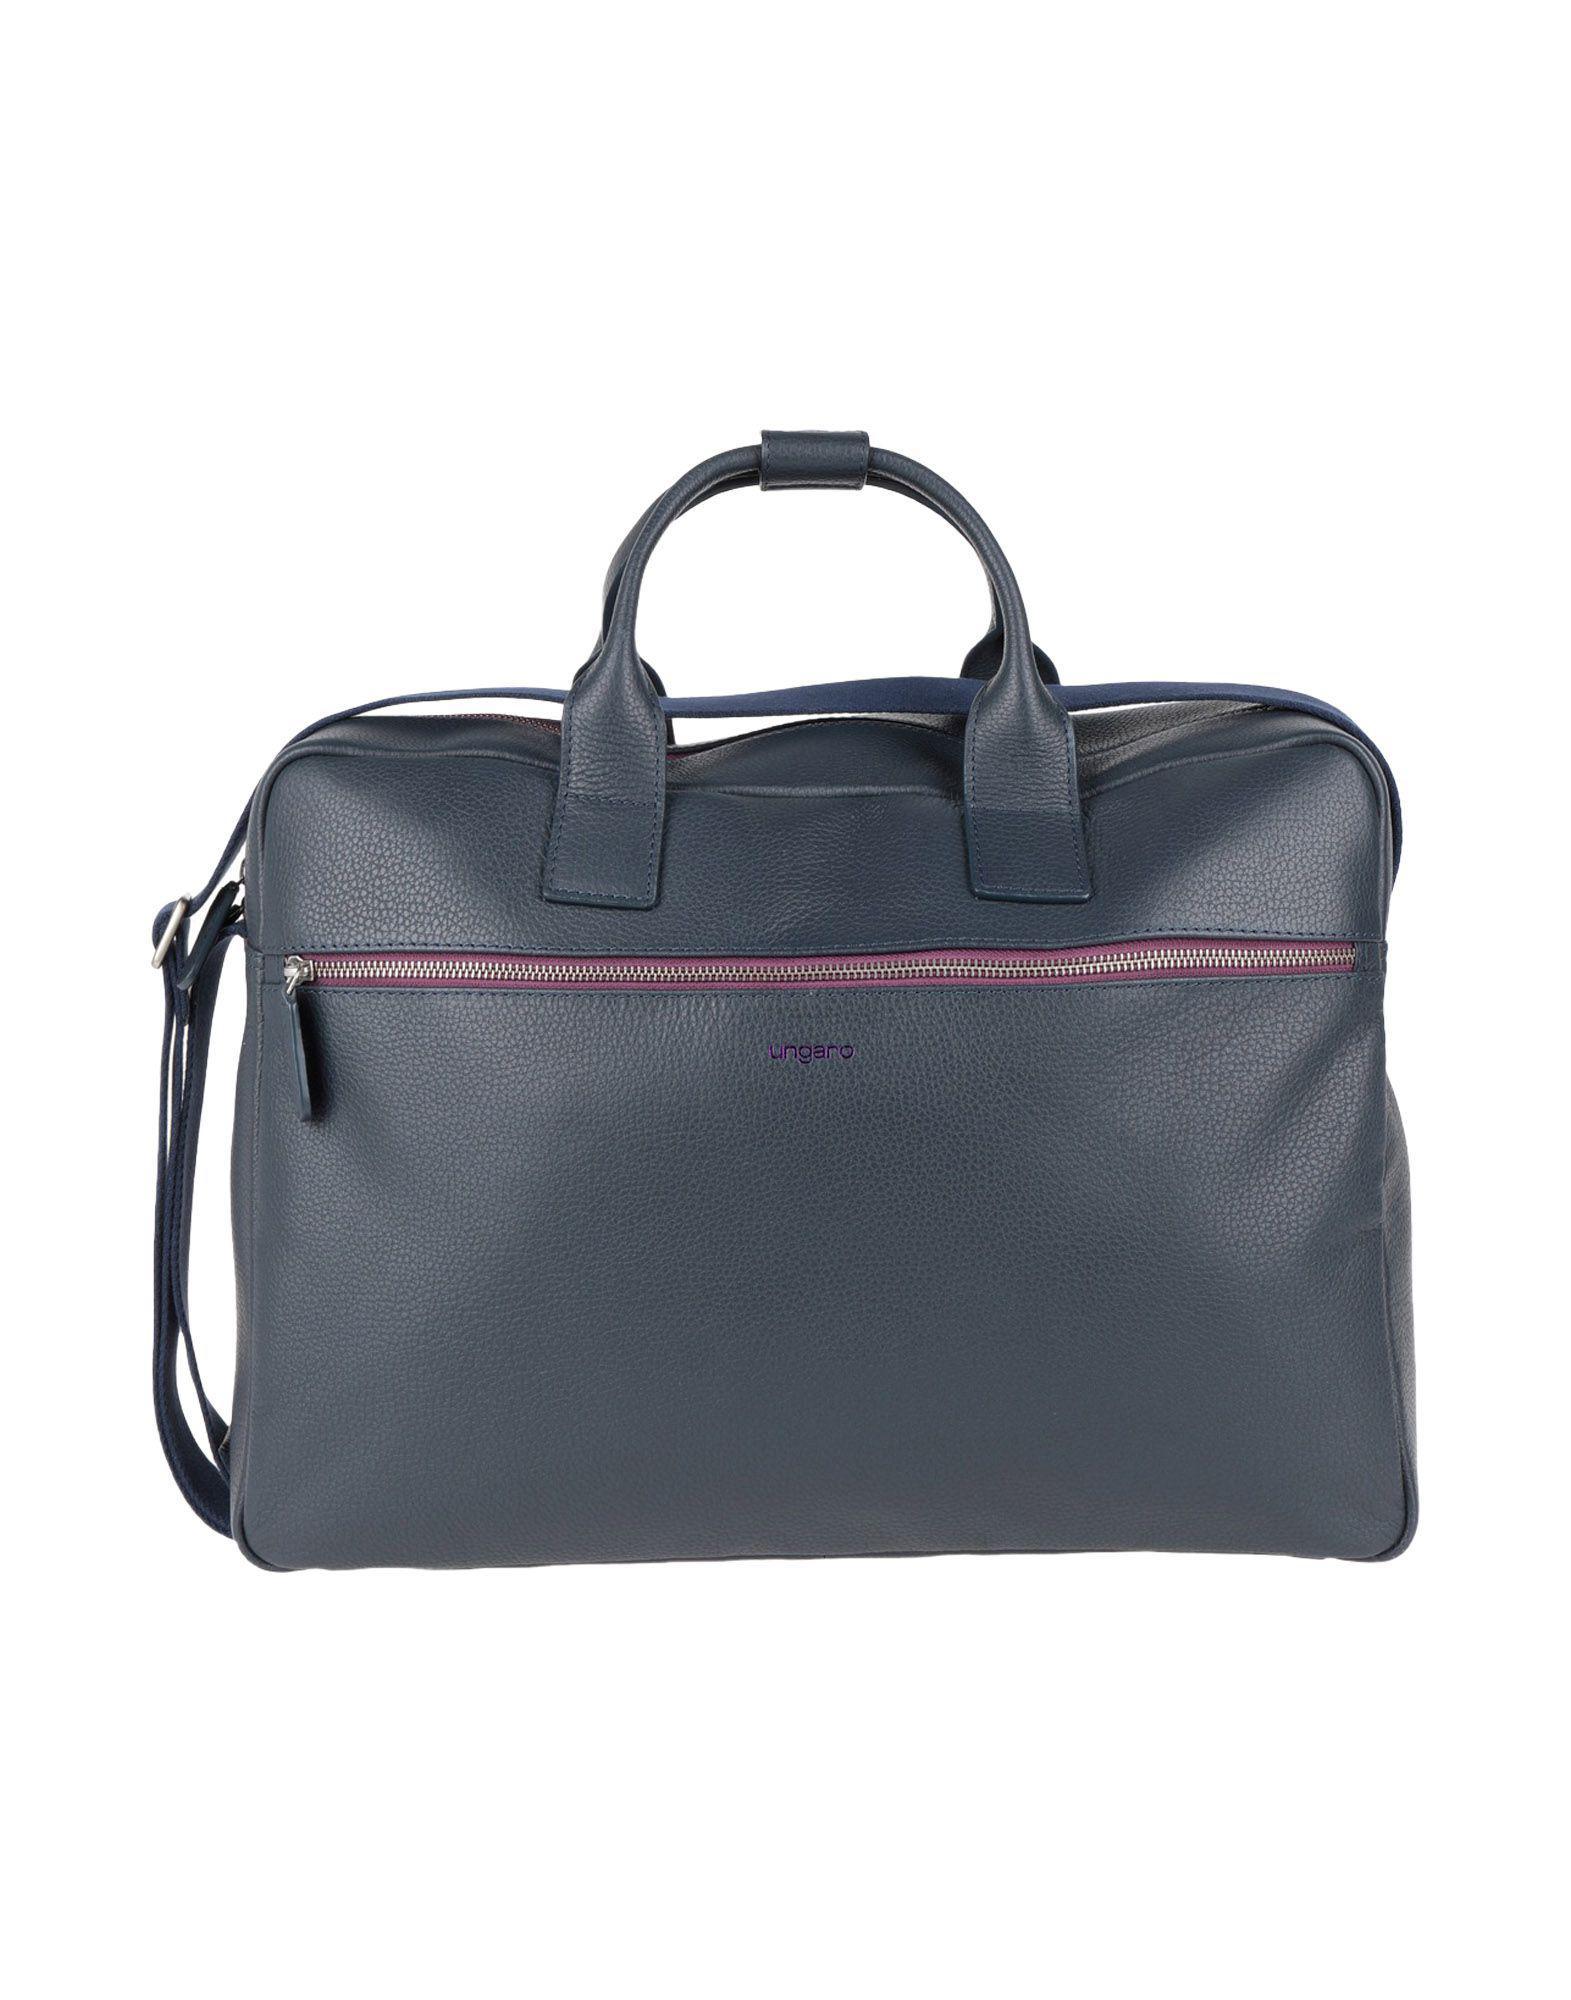 57c8f6ccb41 Emanuel Ungaro Luggage in Blue for Men - Lyst